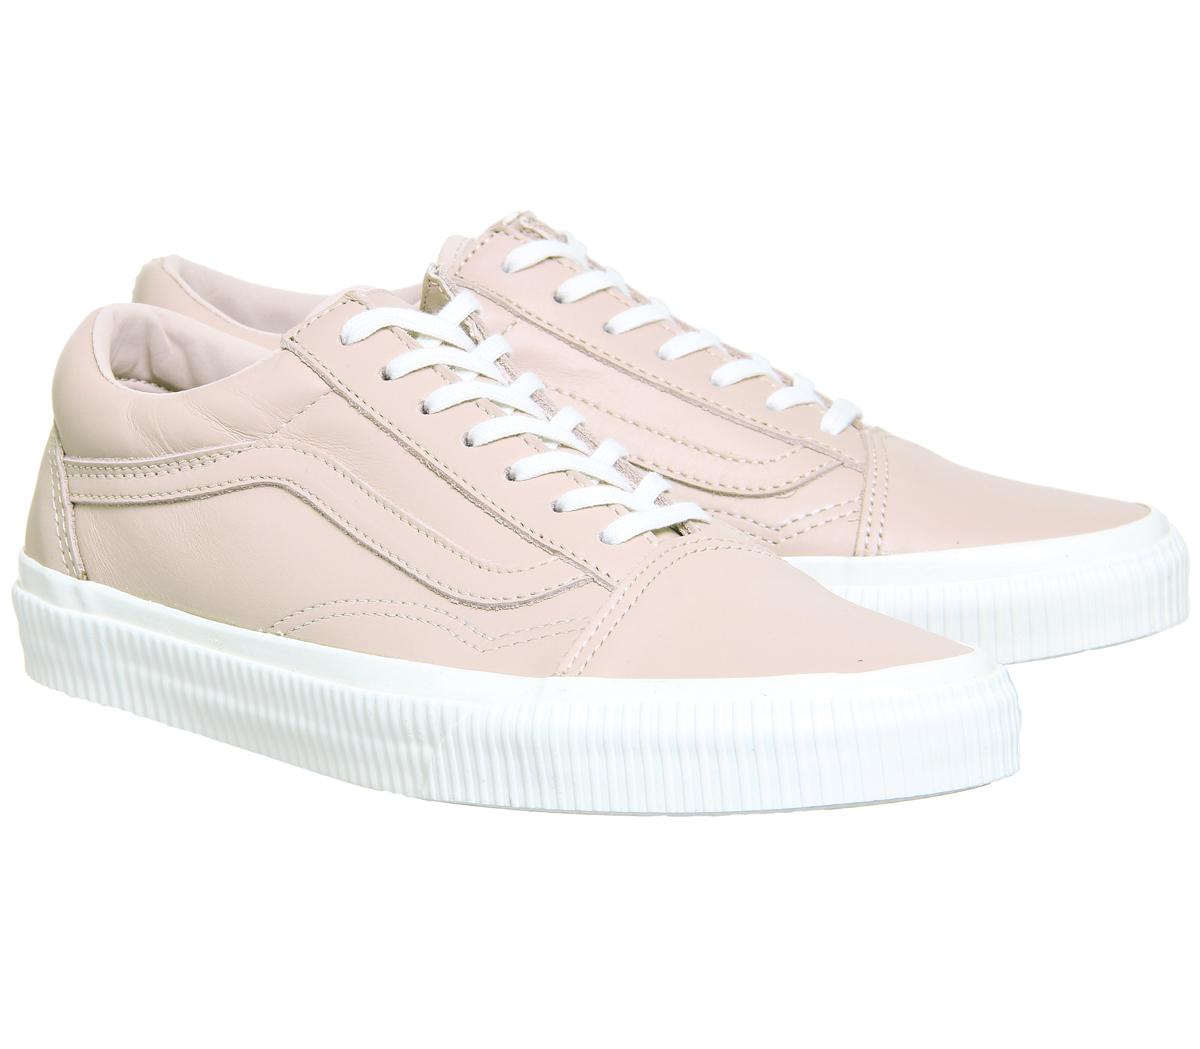 Buy Septa Rose Blanc Embossed Sidewall Vans Old Skool Womens Shoes